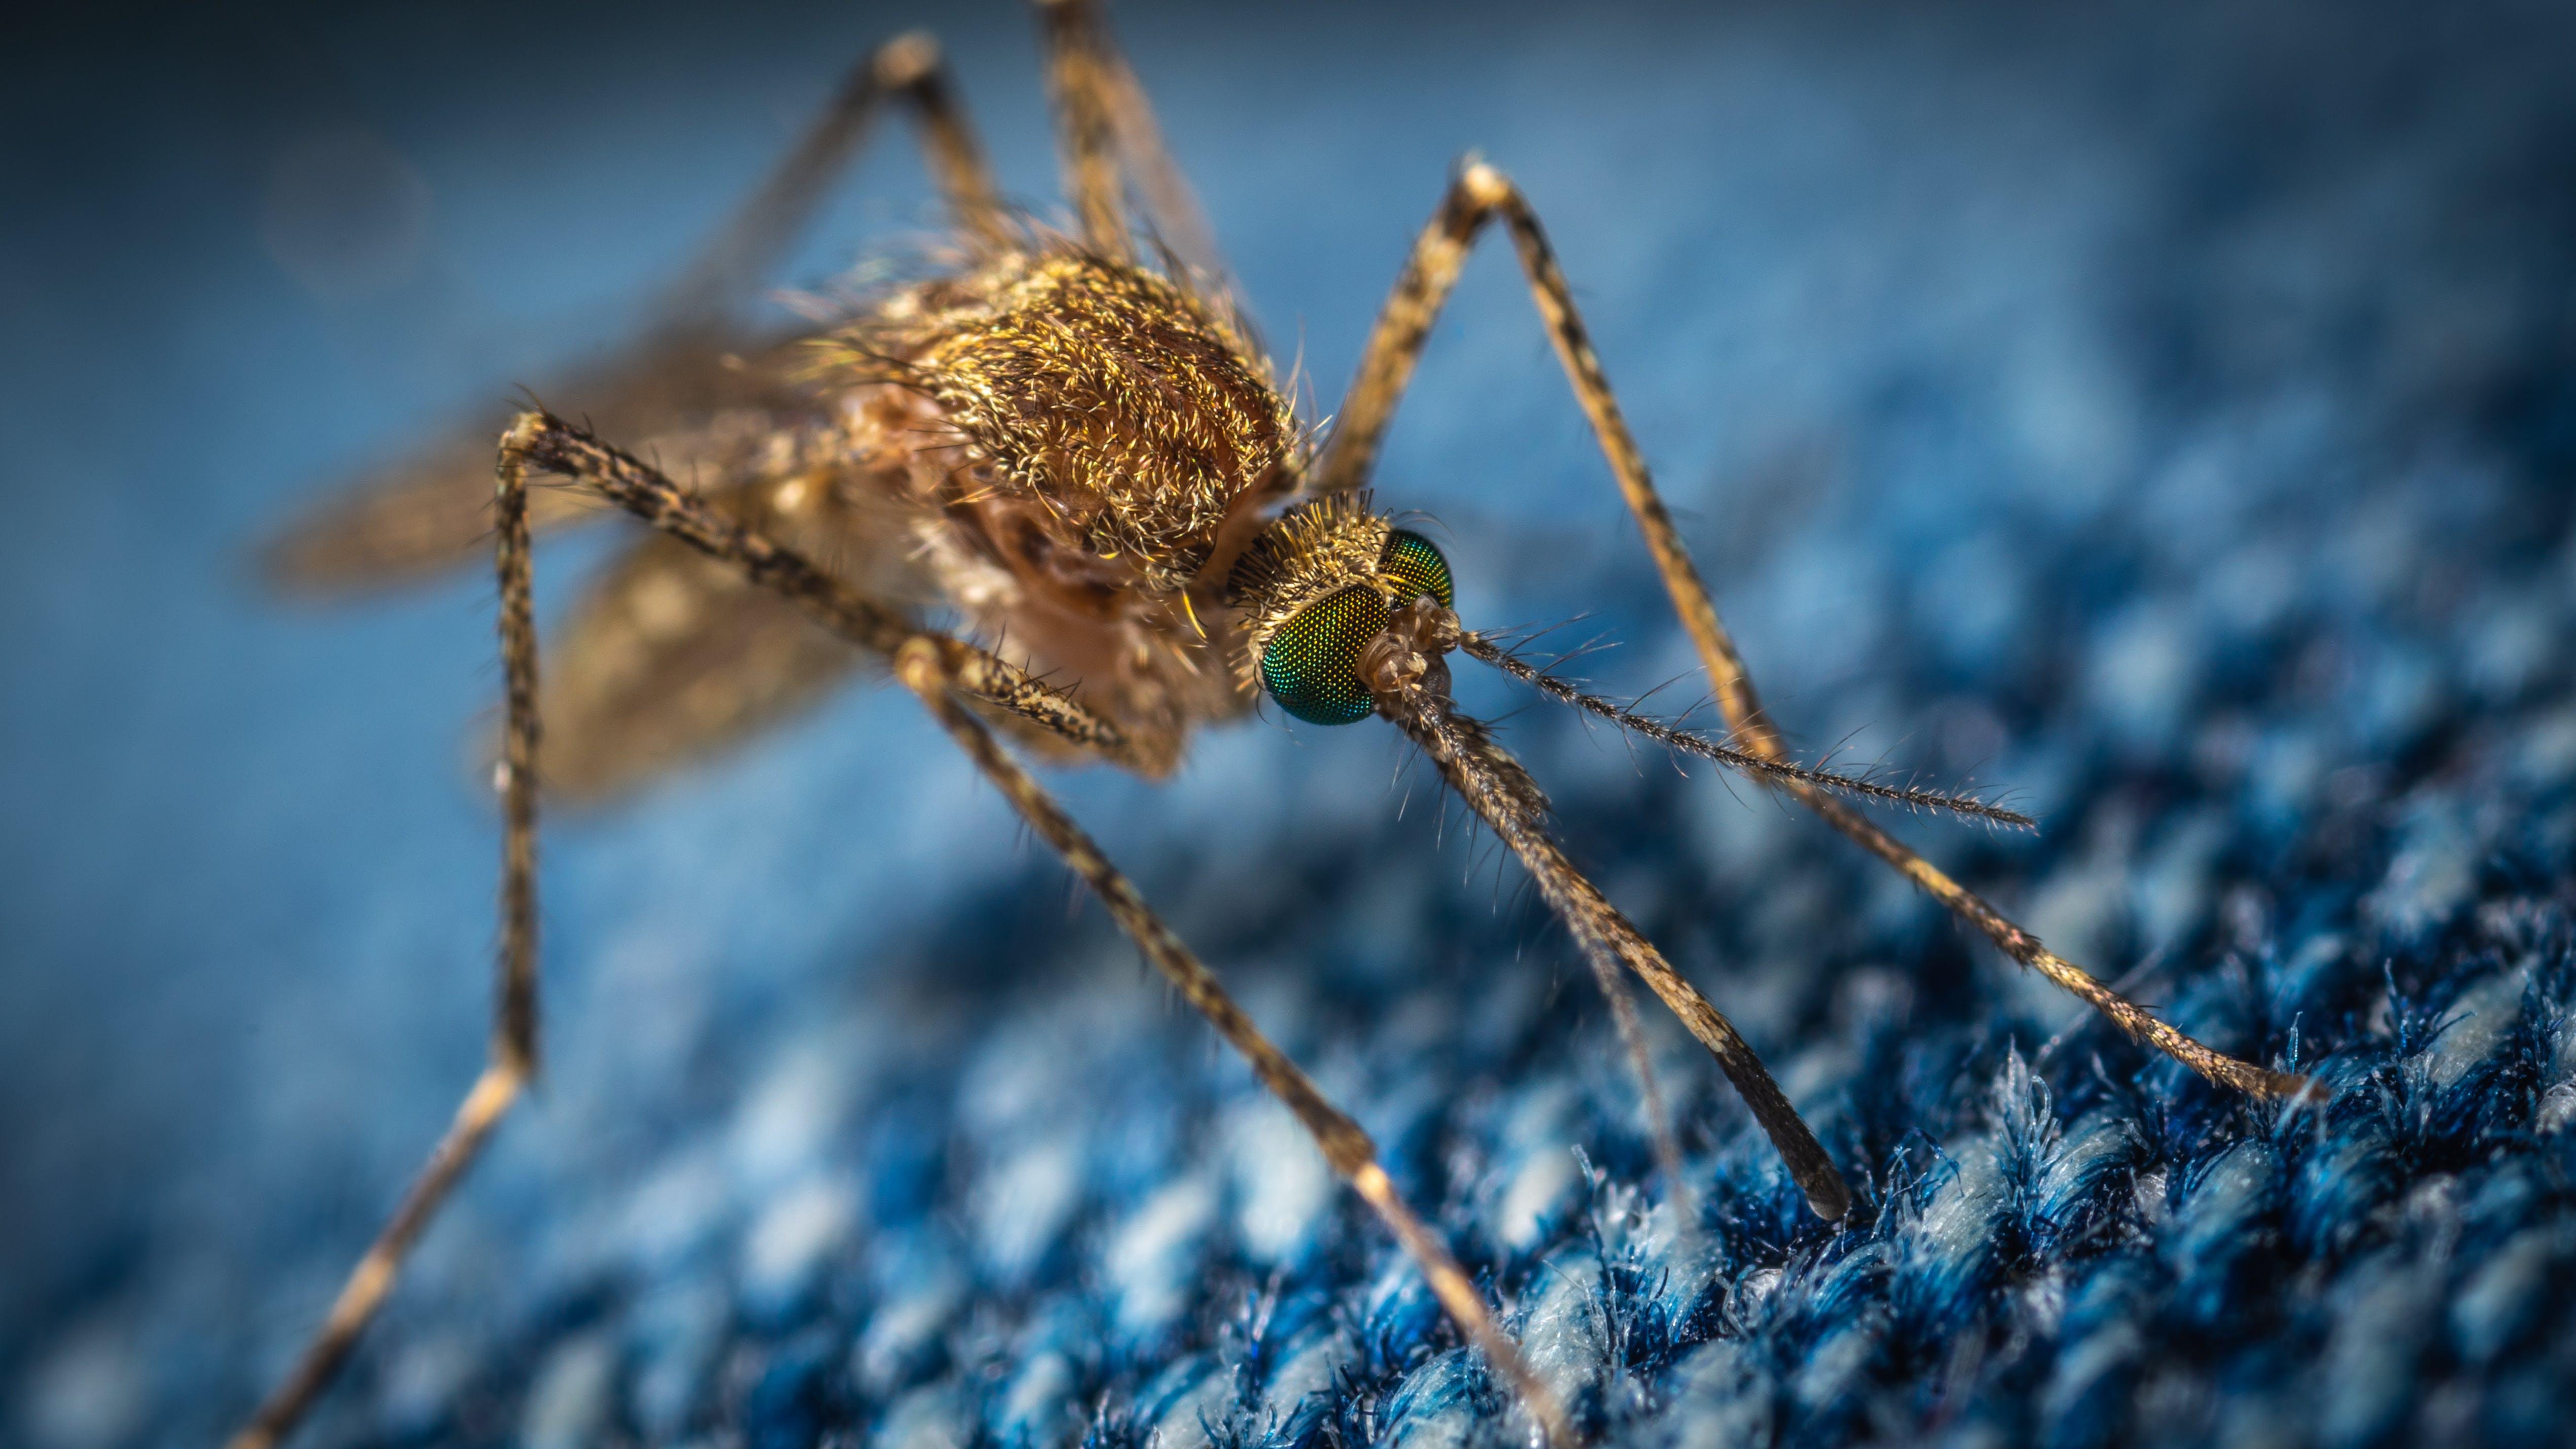 Foto profissional grátis de close, entomologia, fotografia de pequenos seres, inseto